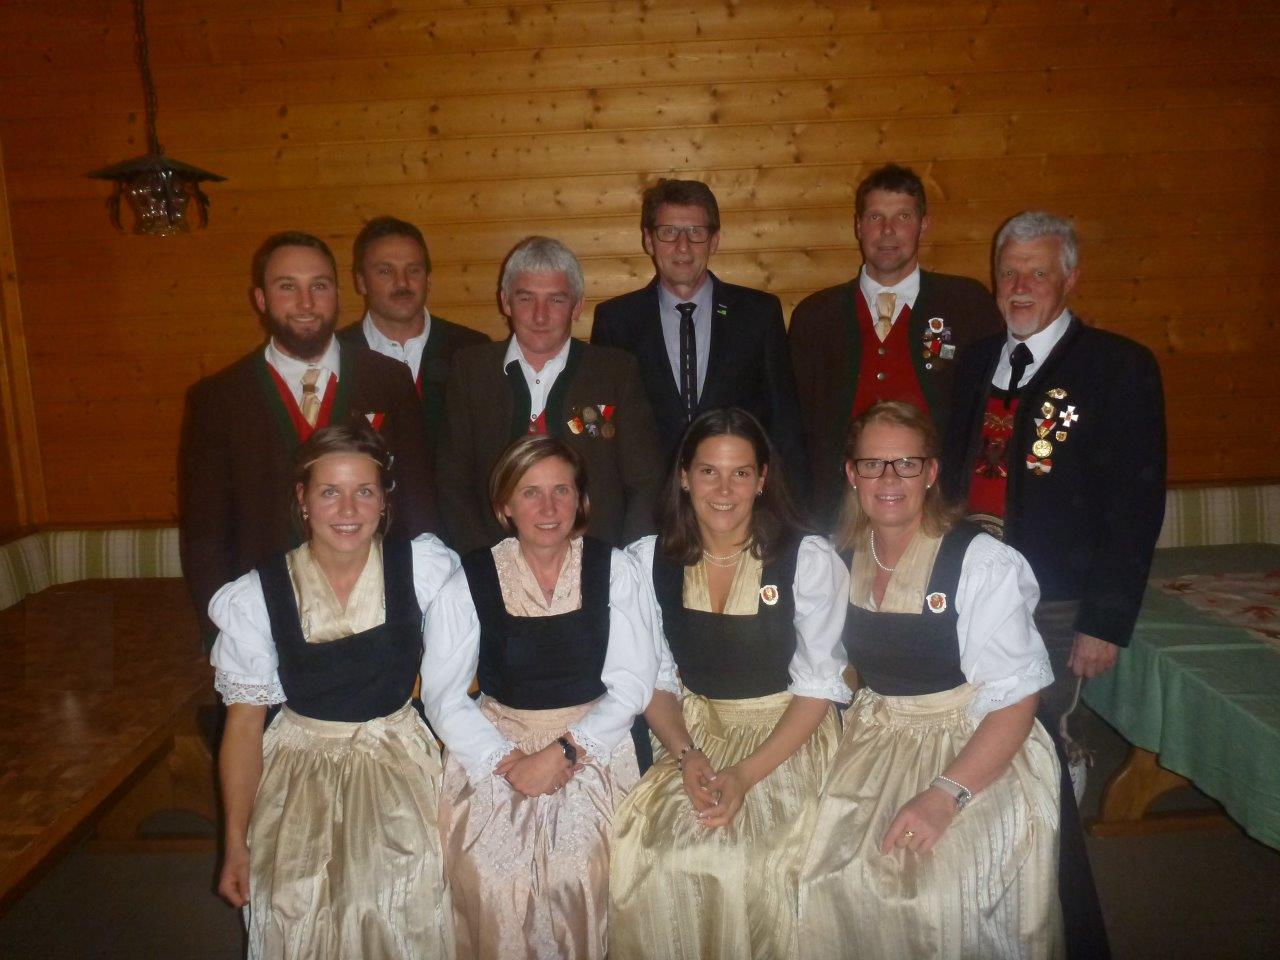 69. Jahreshauptversammlung des Landsturm 1809 Bad Häring